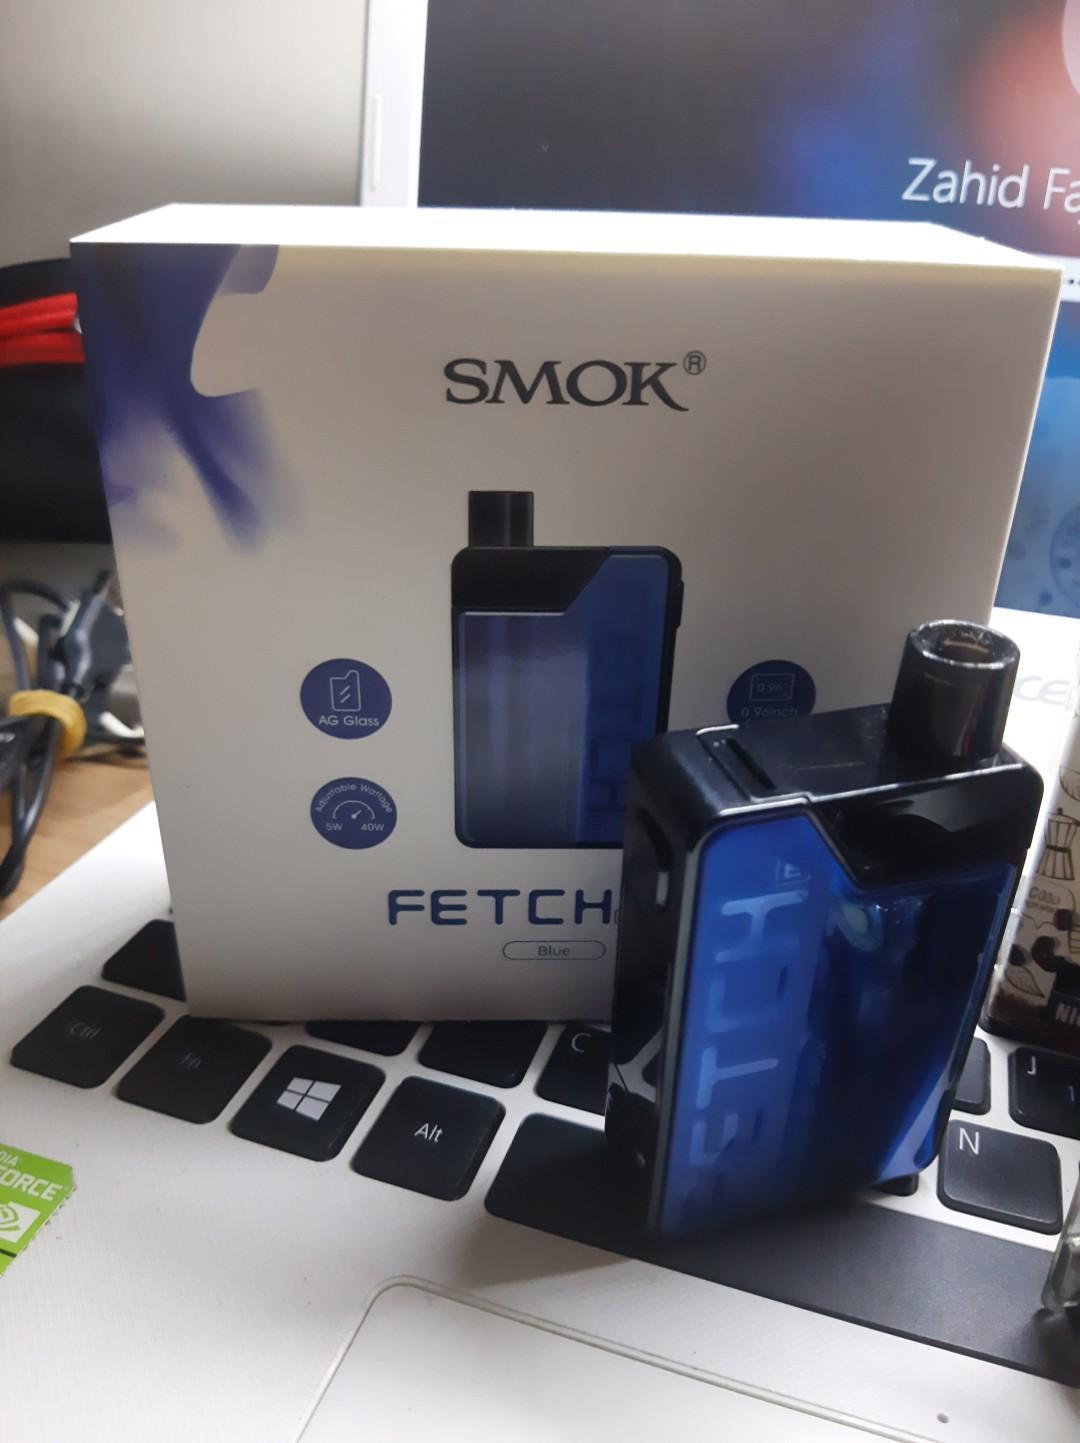 SMOK FETCH POD MOD 40W